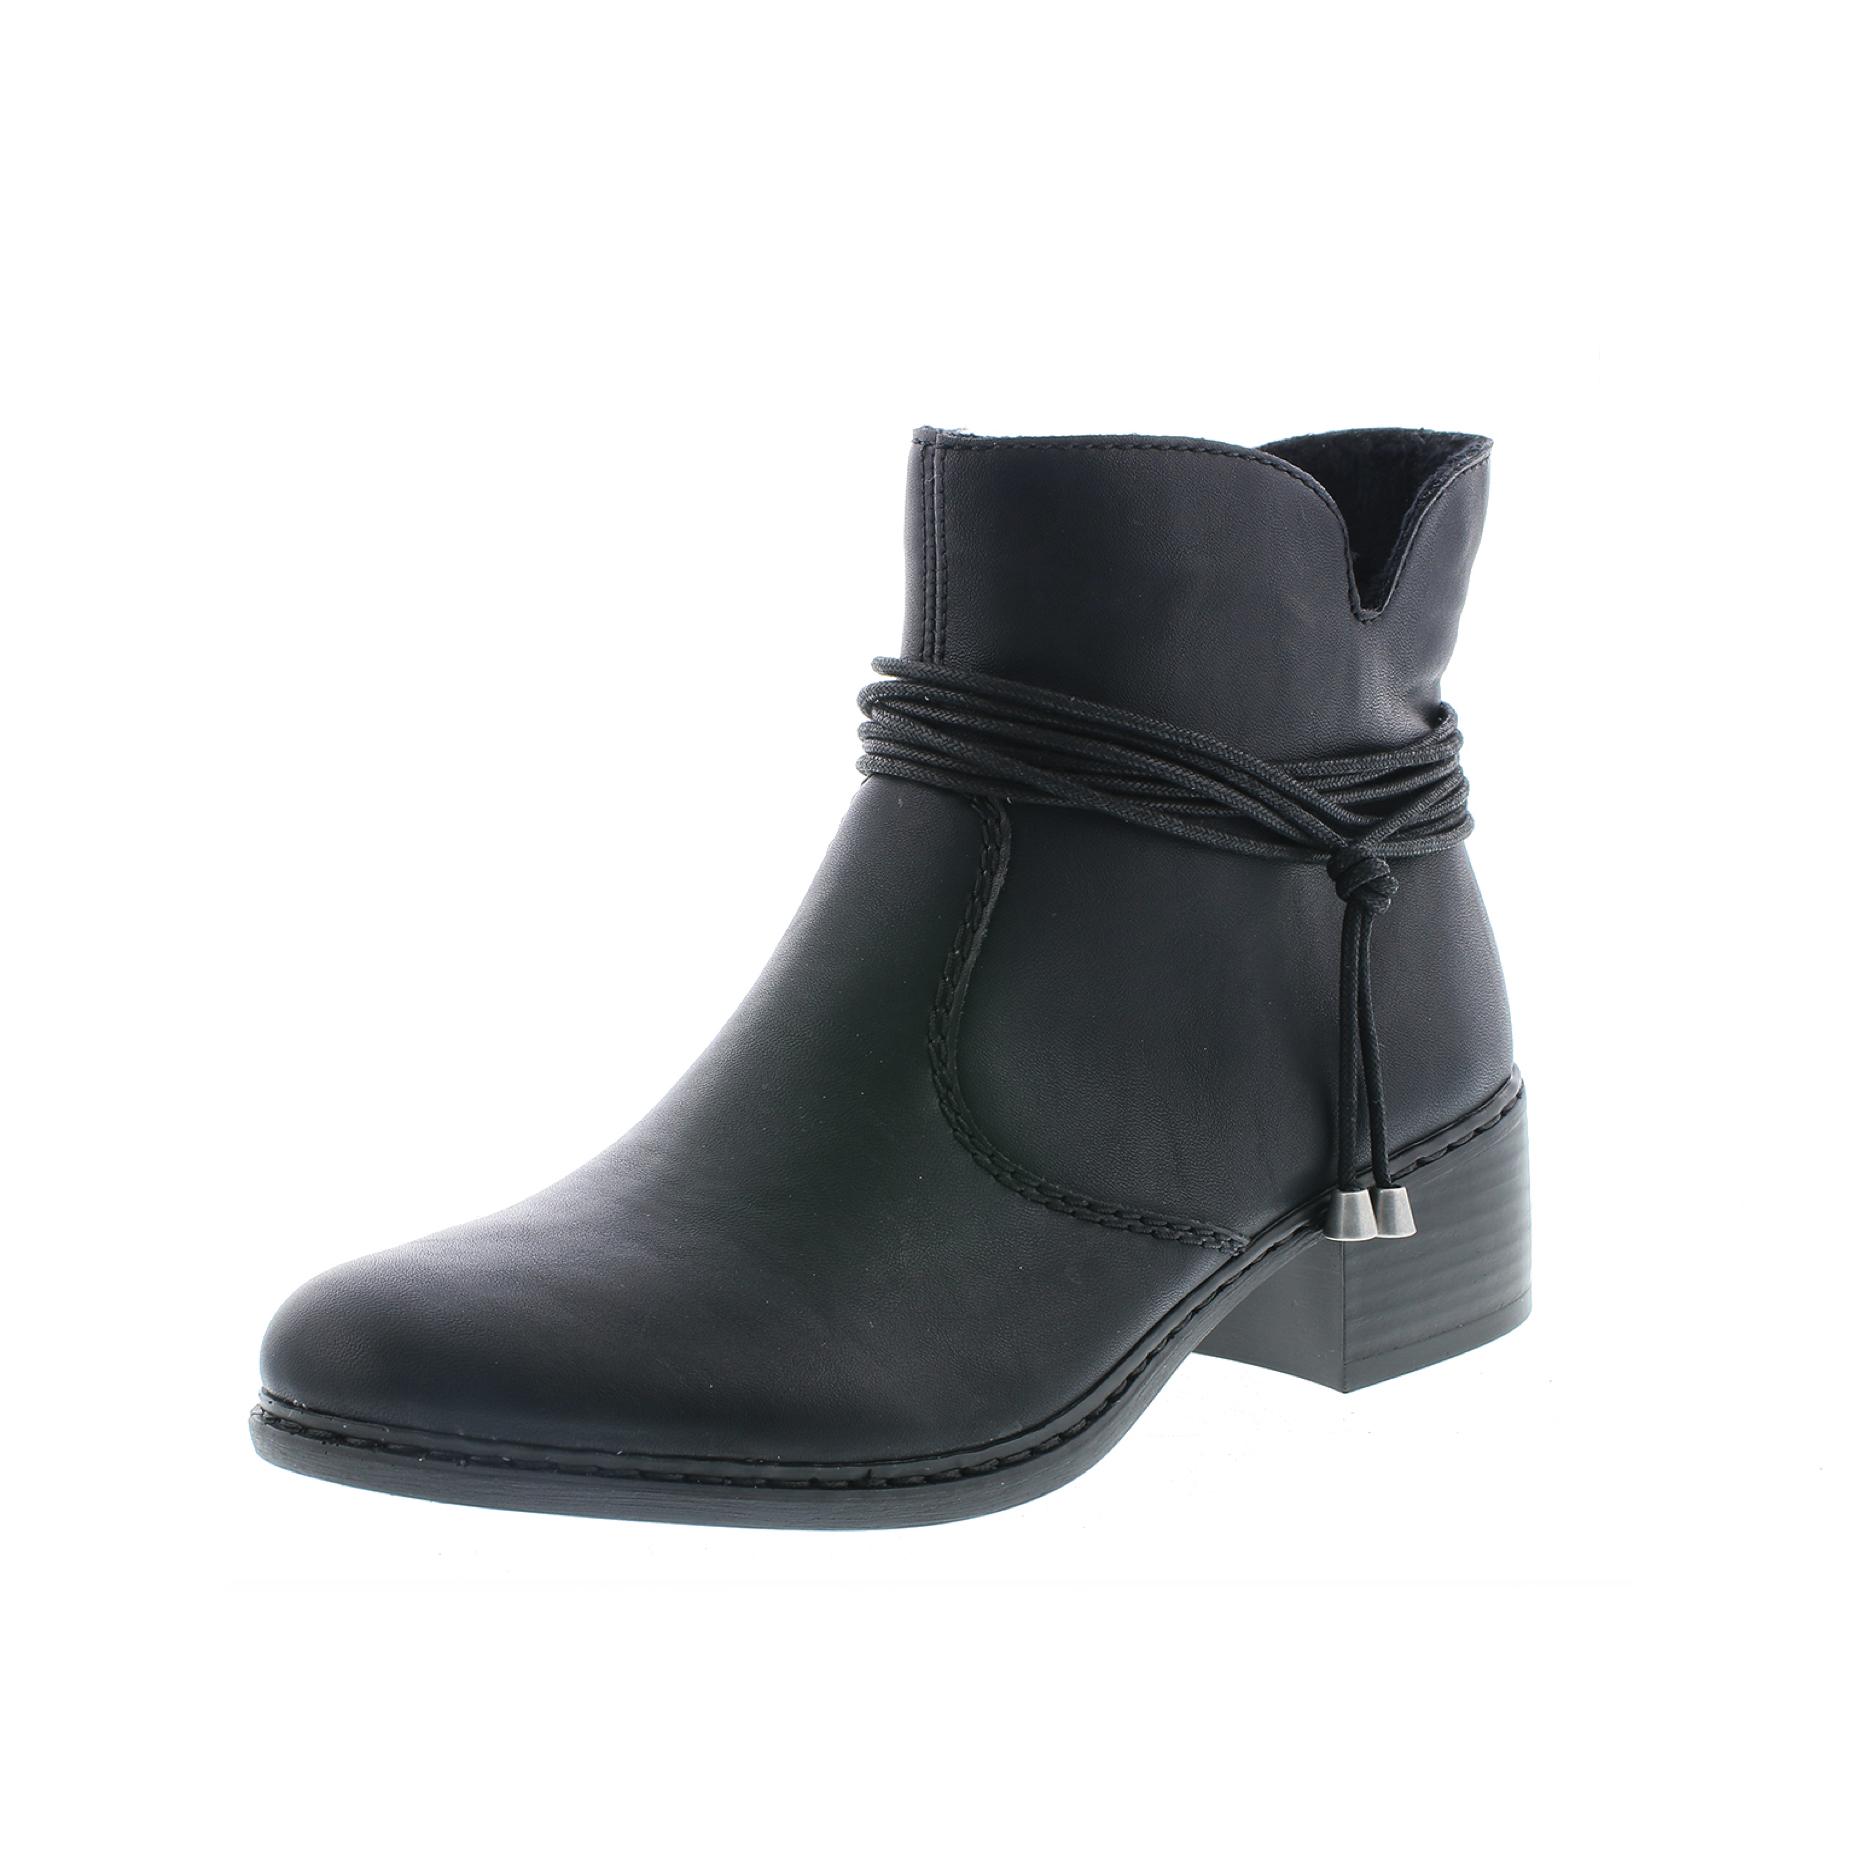 Rieker 77658-00 støvle, sort, 38